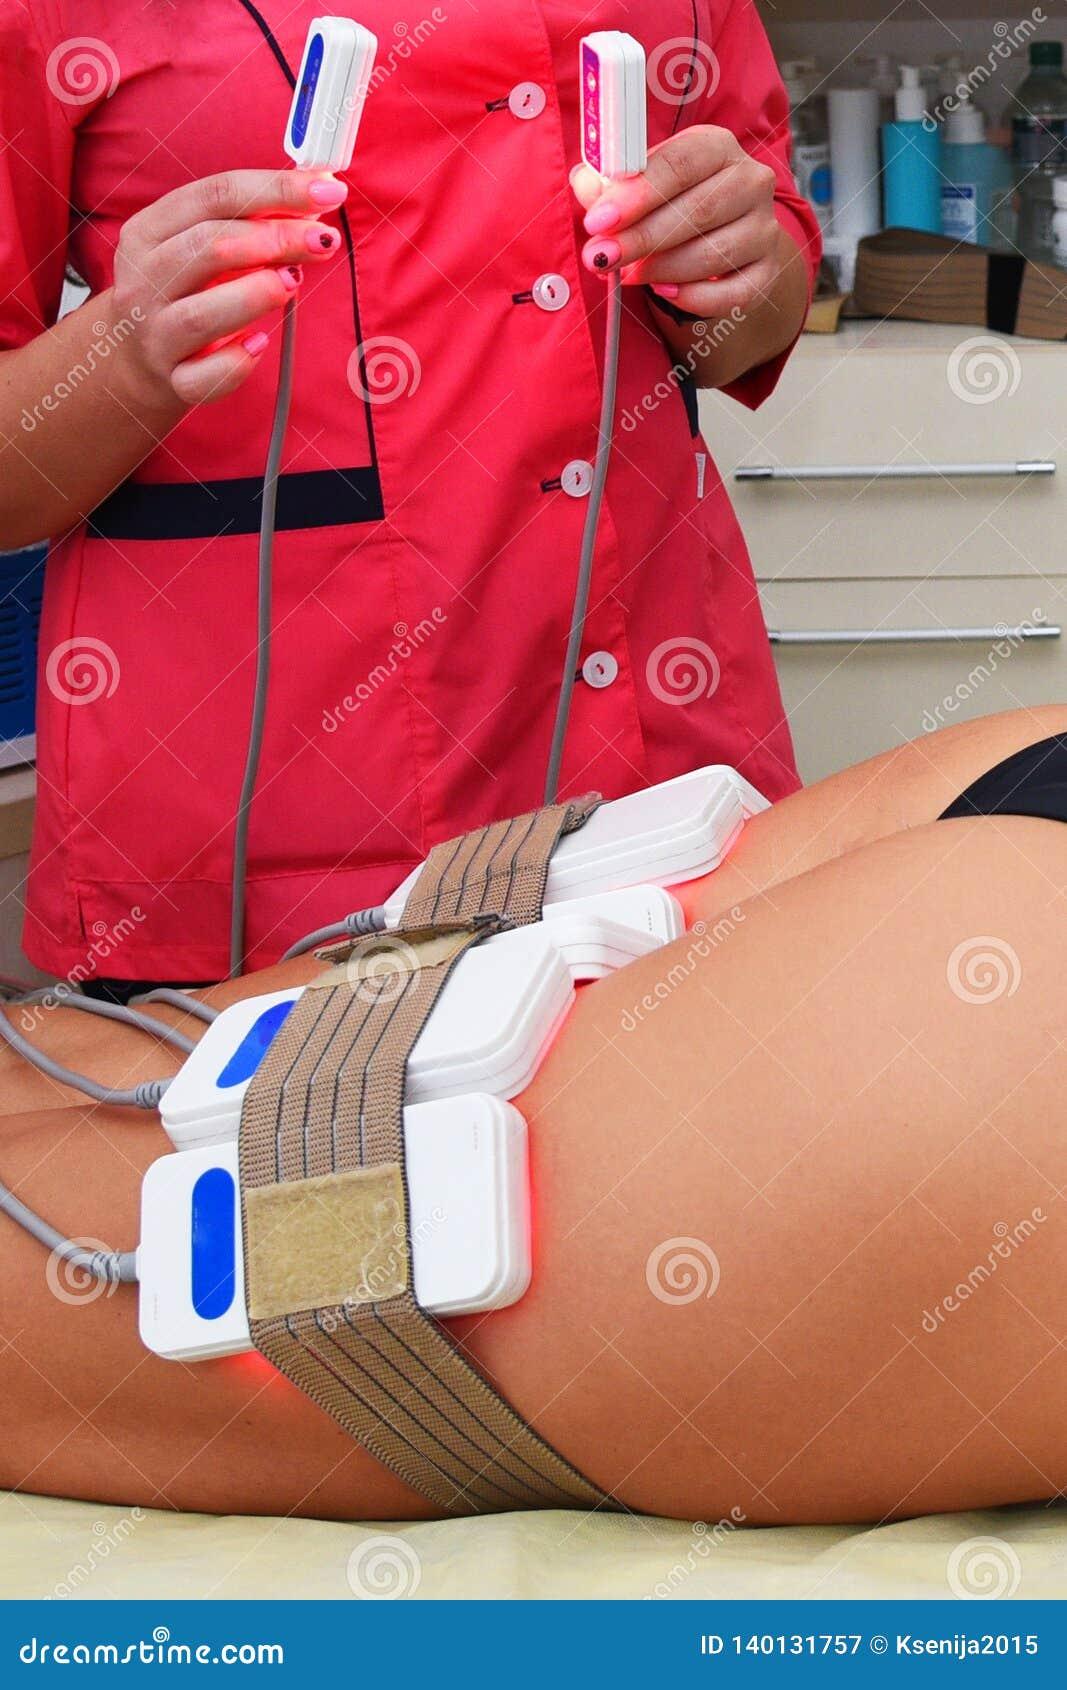 Lipo laser Narzędzia kosmetologia ciało opieki zdrowia spa nożna kobieta wody Non chirurgicznie ciało sculpting ciało obrysowywa